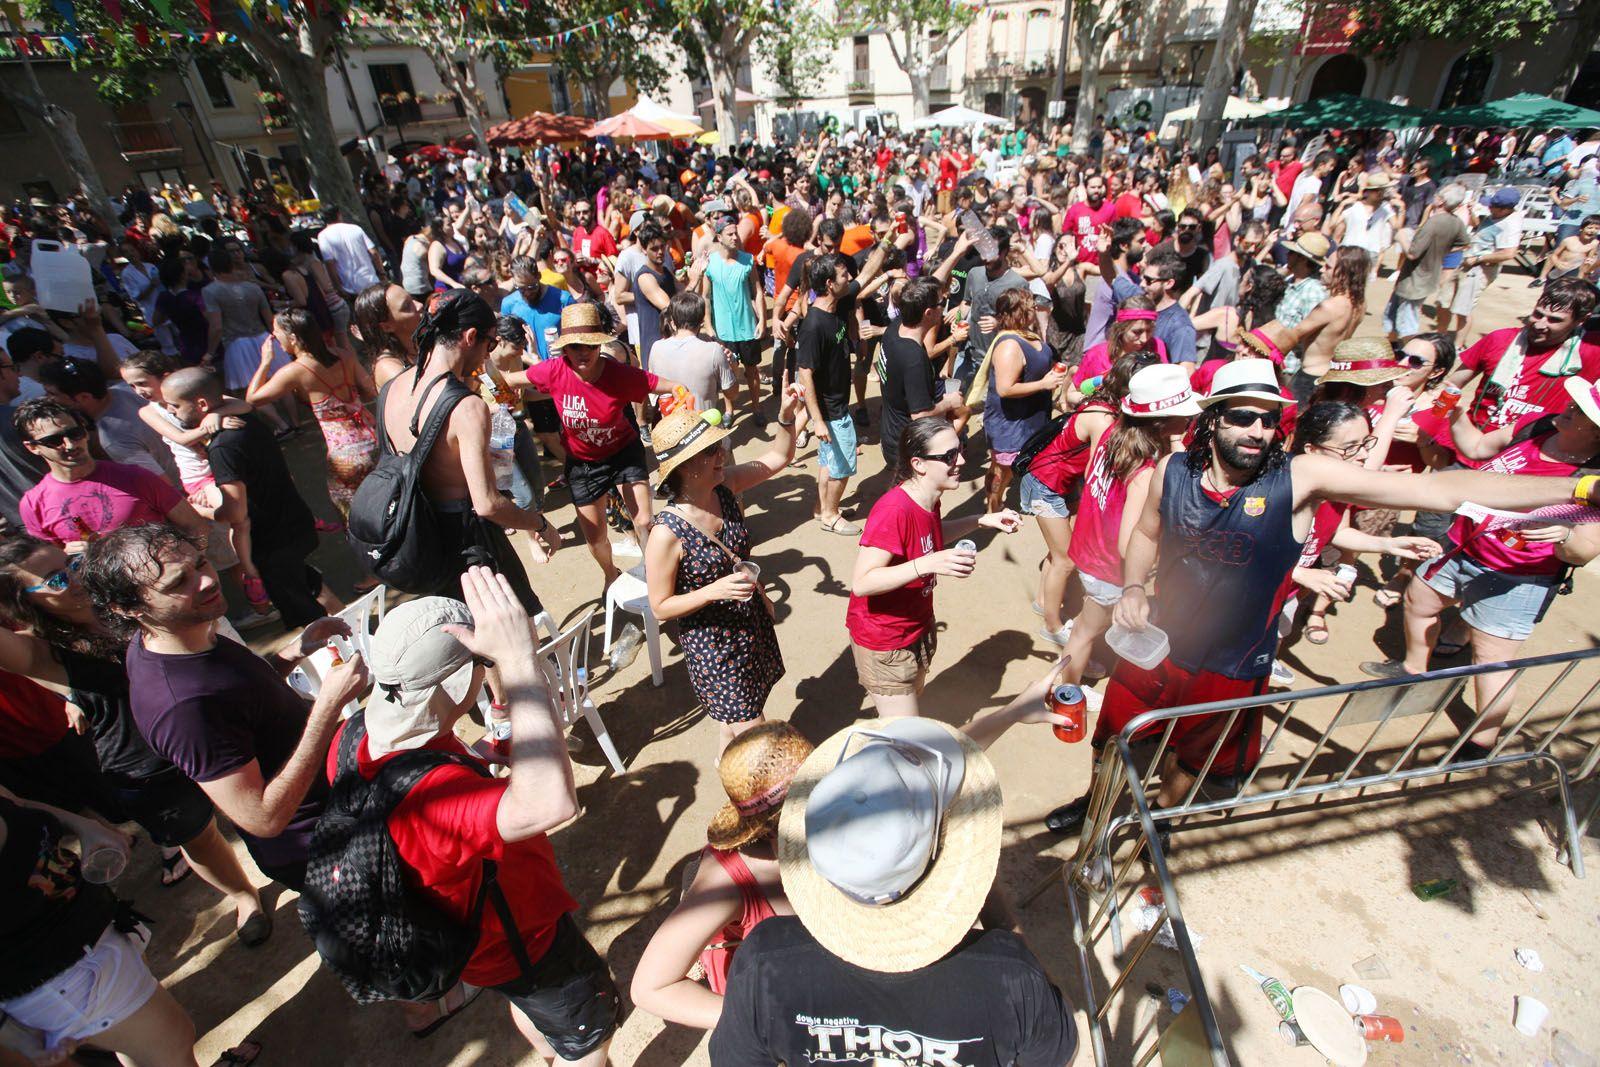 El 35è Concurs d'arrossos va fer que la Plaça de Barcelona es quedés petita  FOTO: Lali Puig